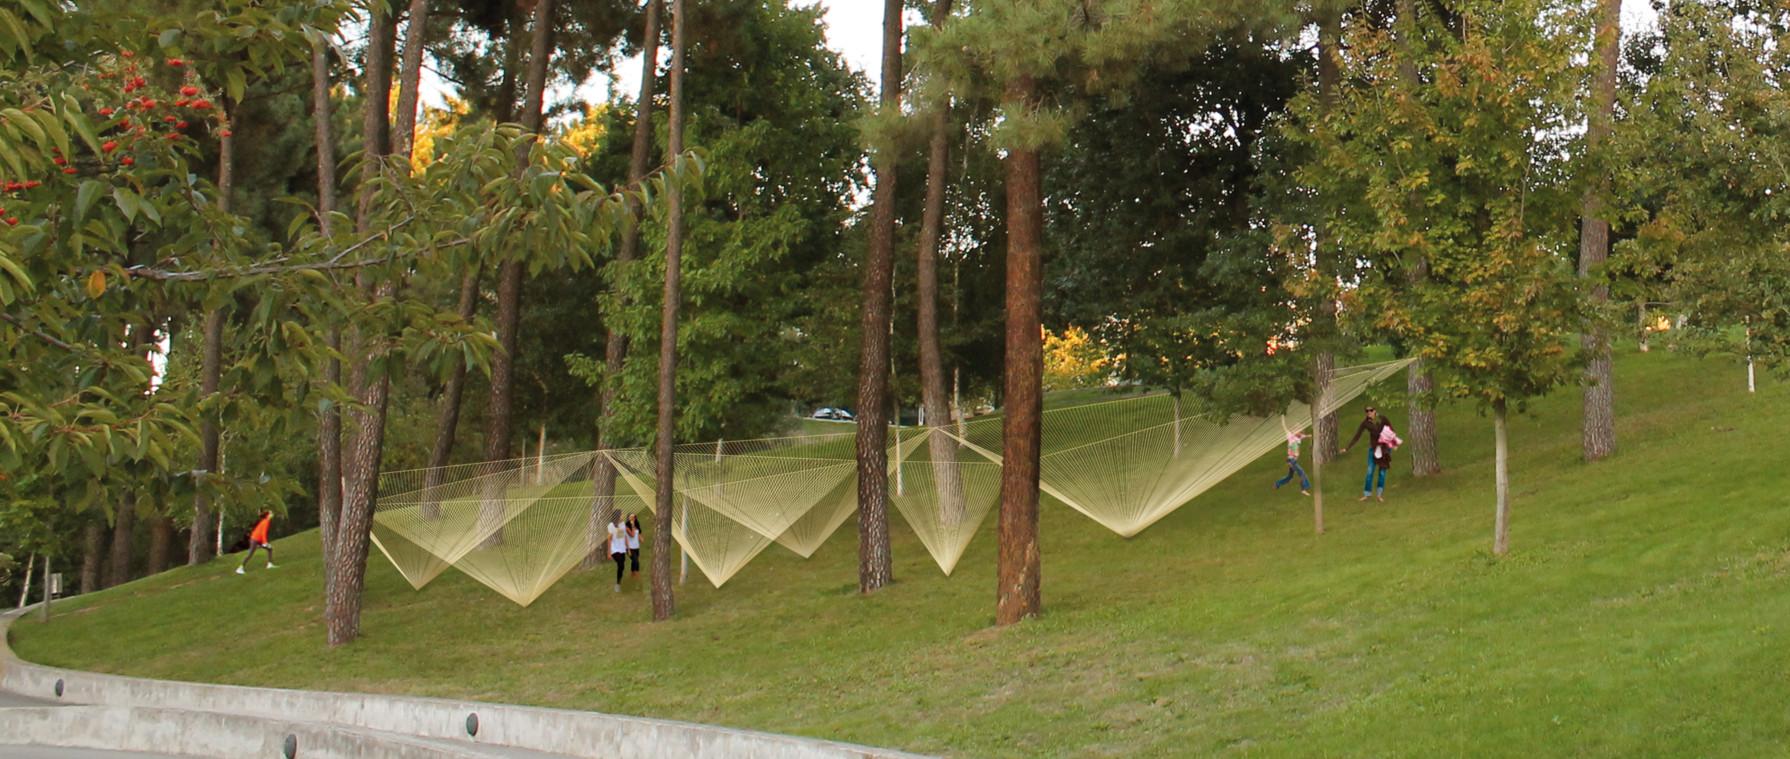 Paisaje y Arquitectura: Instalación Olivia propone siete pirámides invertidas hechas de hilo de algodón, Cortesía de Margarida Alves